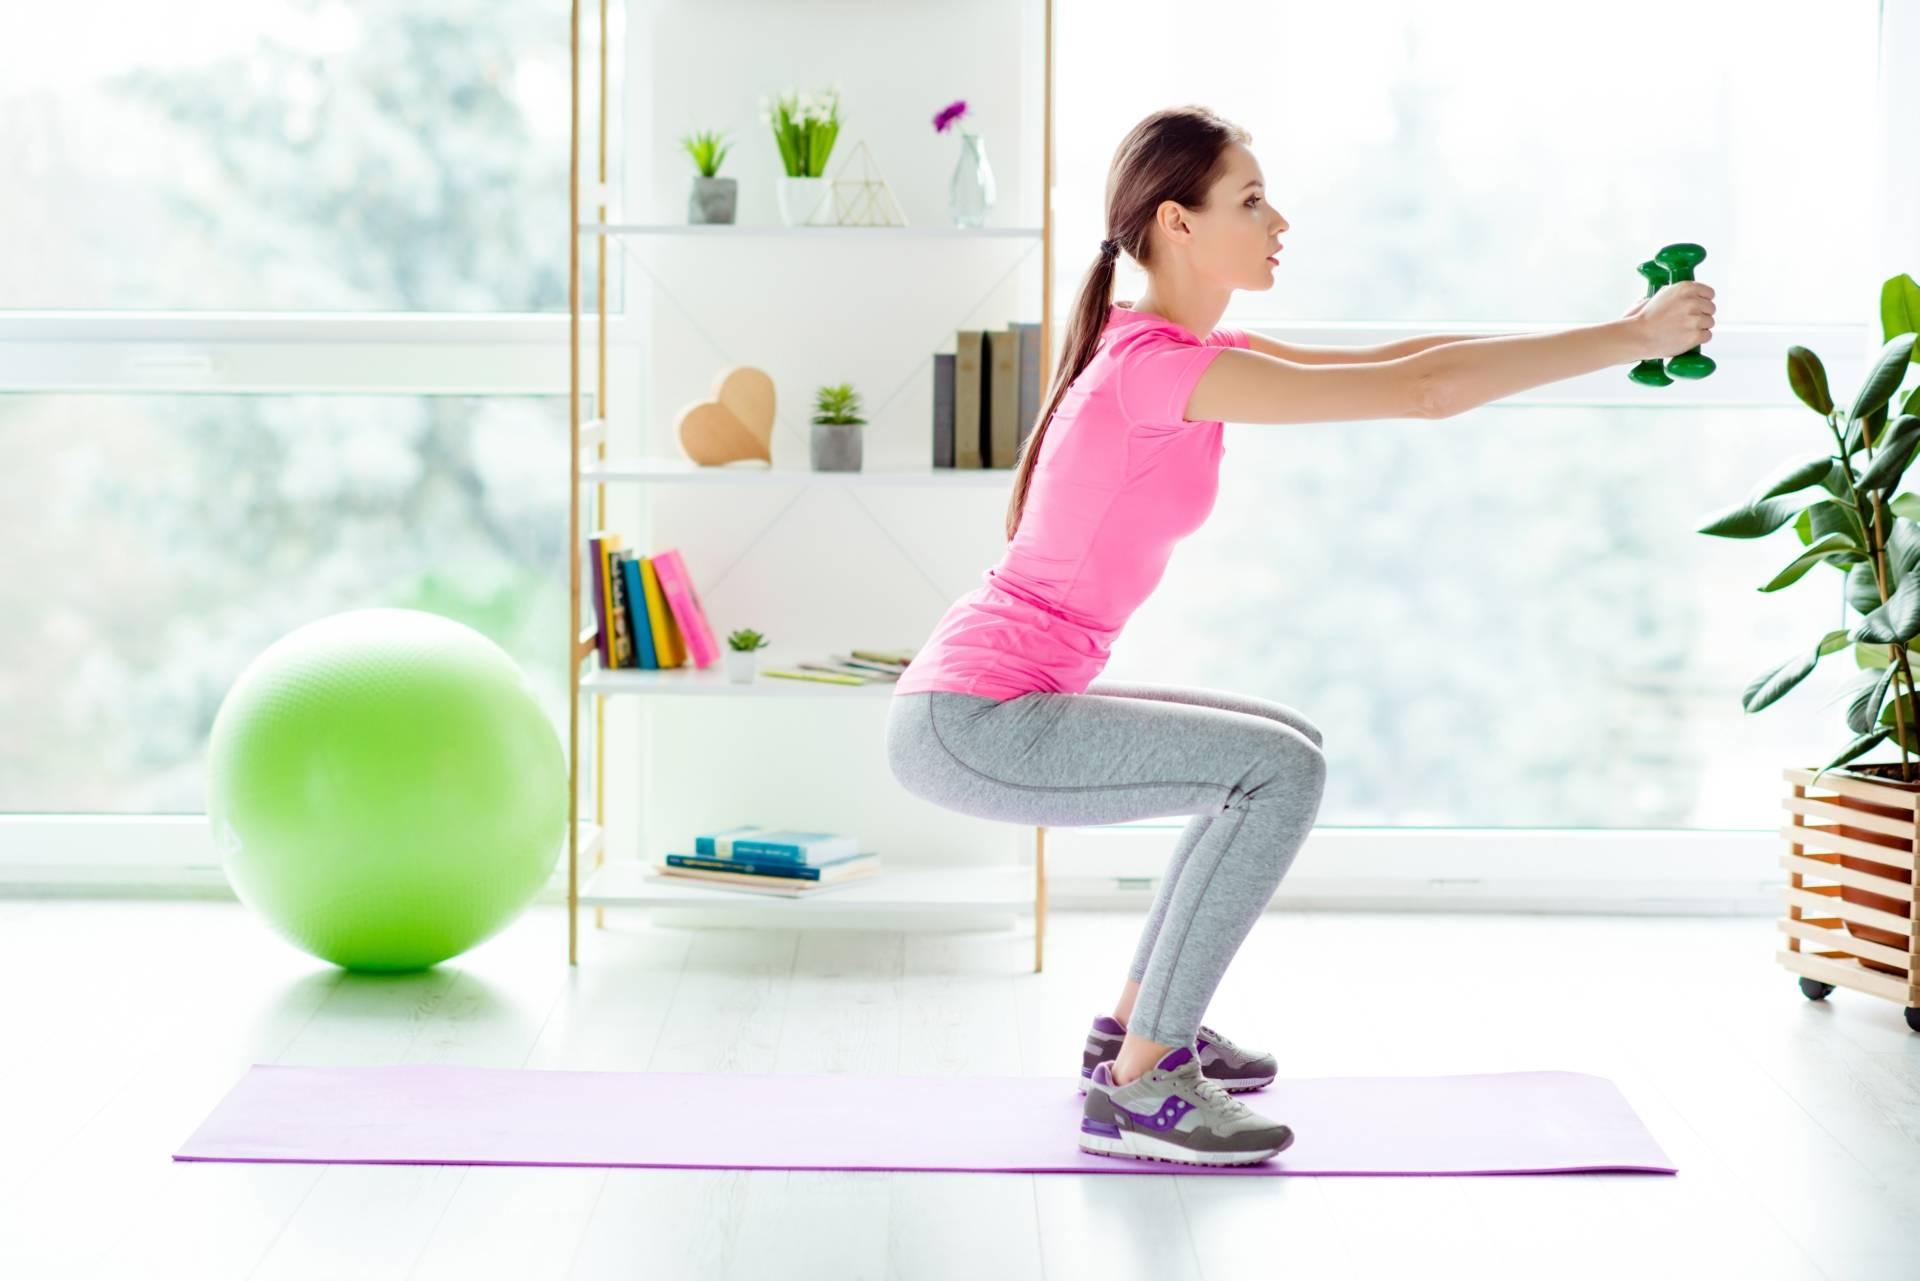 Jak wykonać prosty trening nóg w domu? Jak pozbyć się cellulitu z ud?